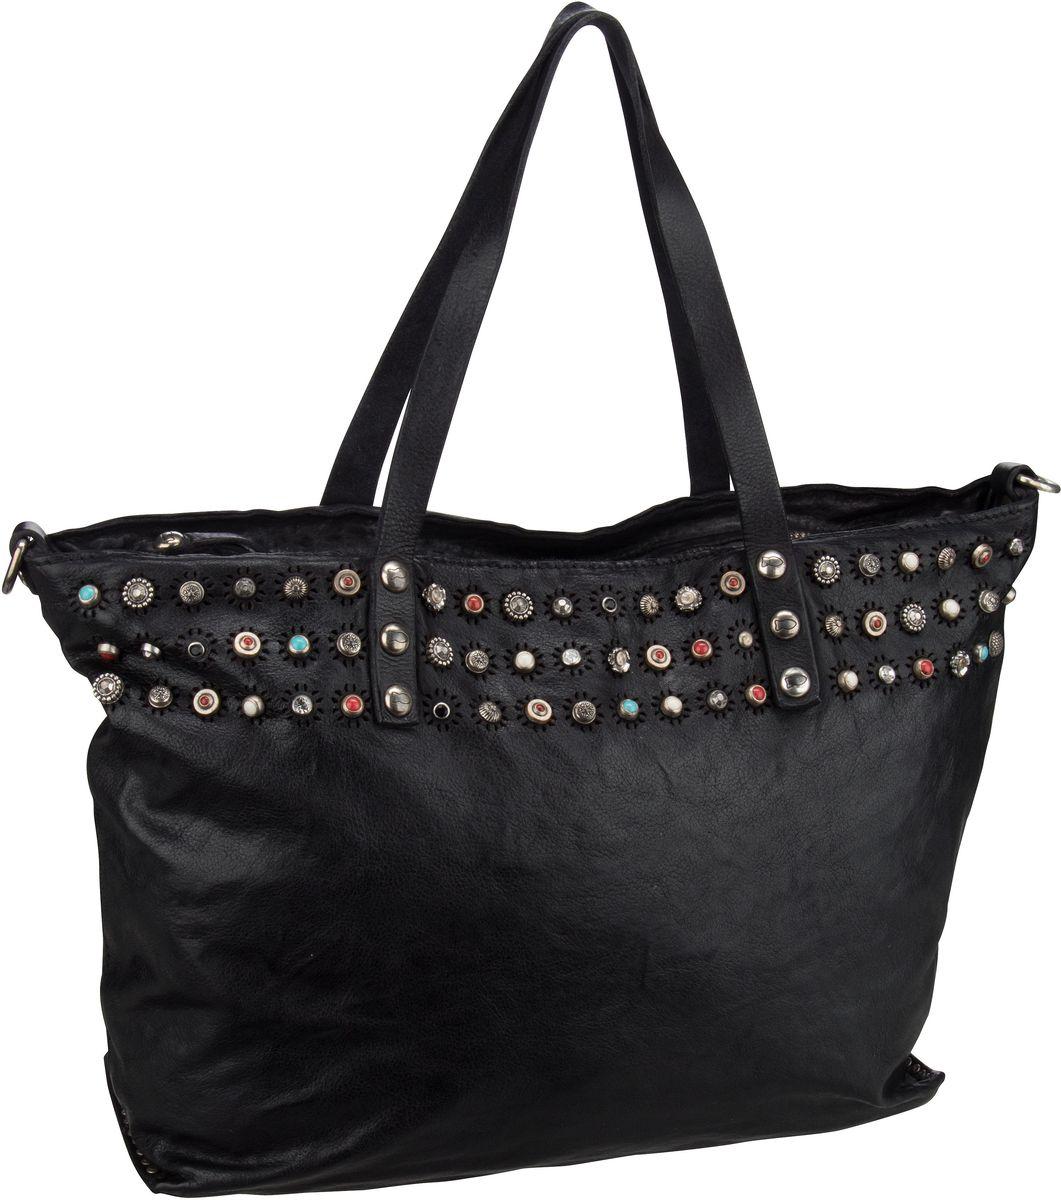 Handtasche Ravenna C12530 Nero